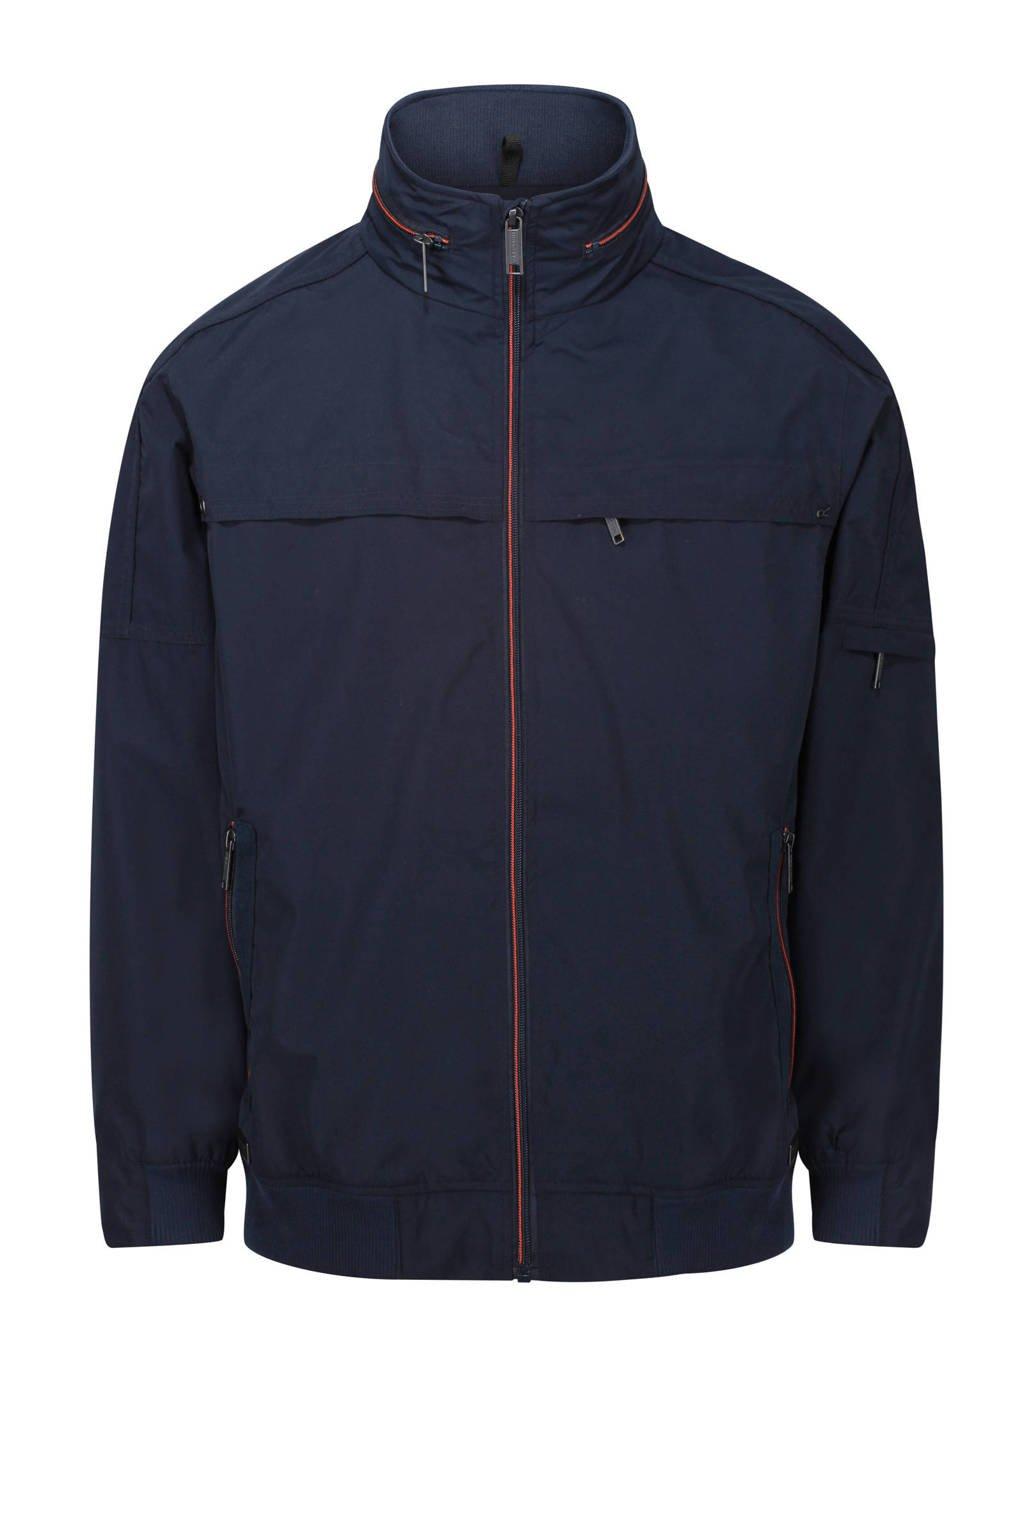 Regatta outdoor jas donkerblauw, Donkerblauw